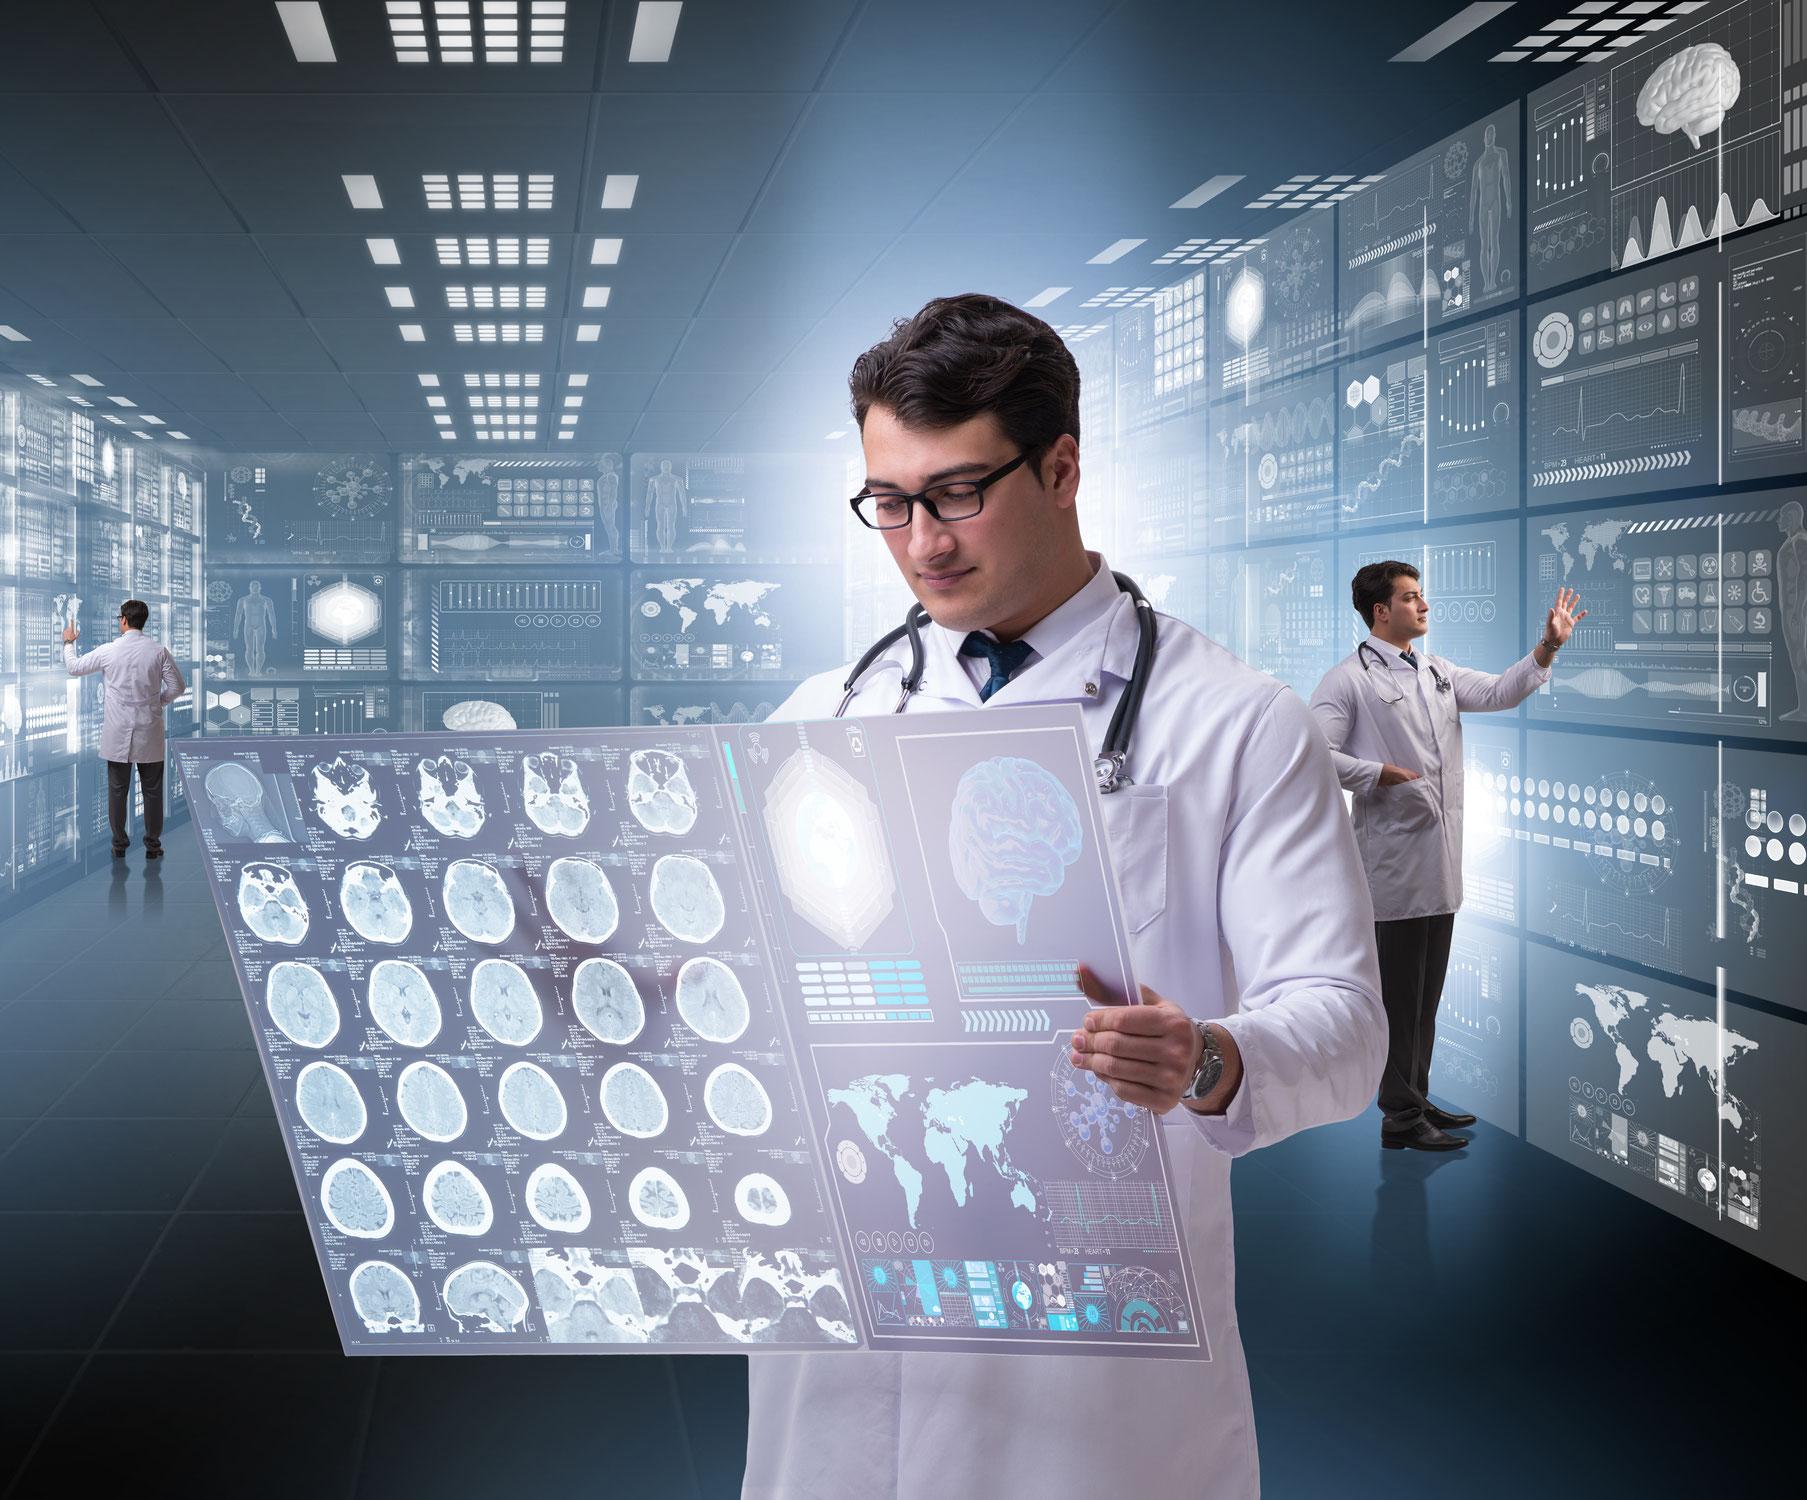 Künstliche Intelligenz für die Gesundheit– nicht mit dem Autopilot, sondern als Co-Pilot